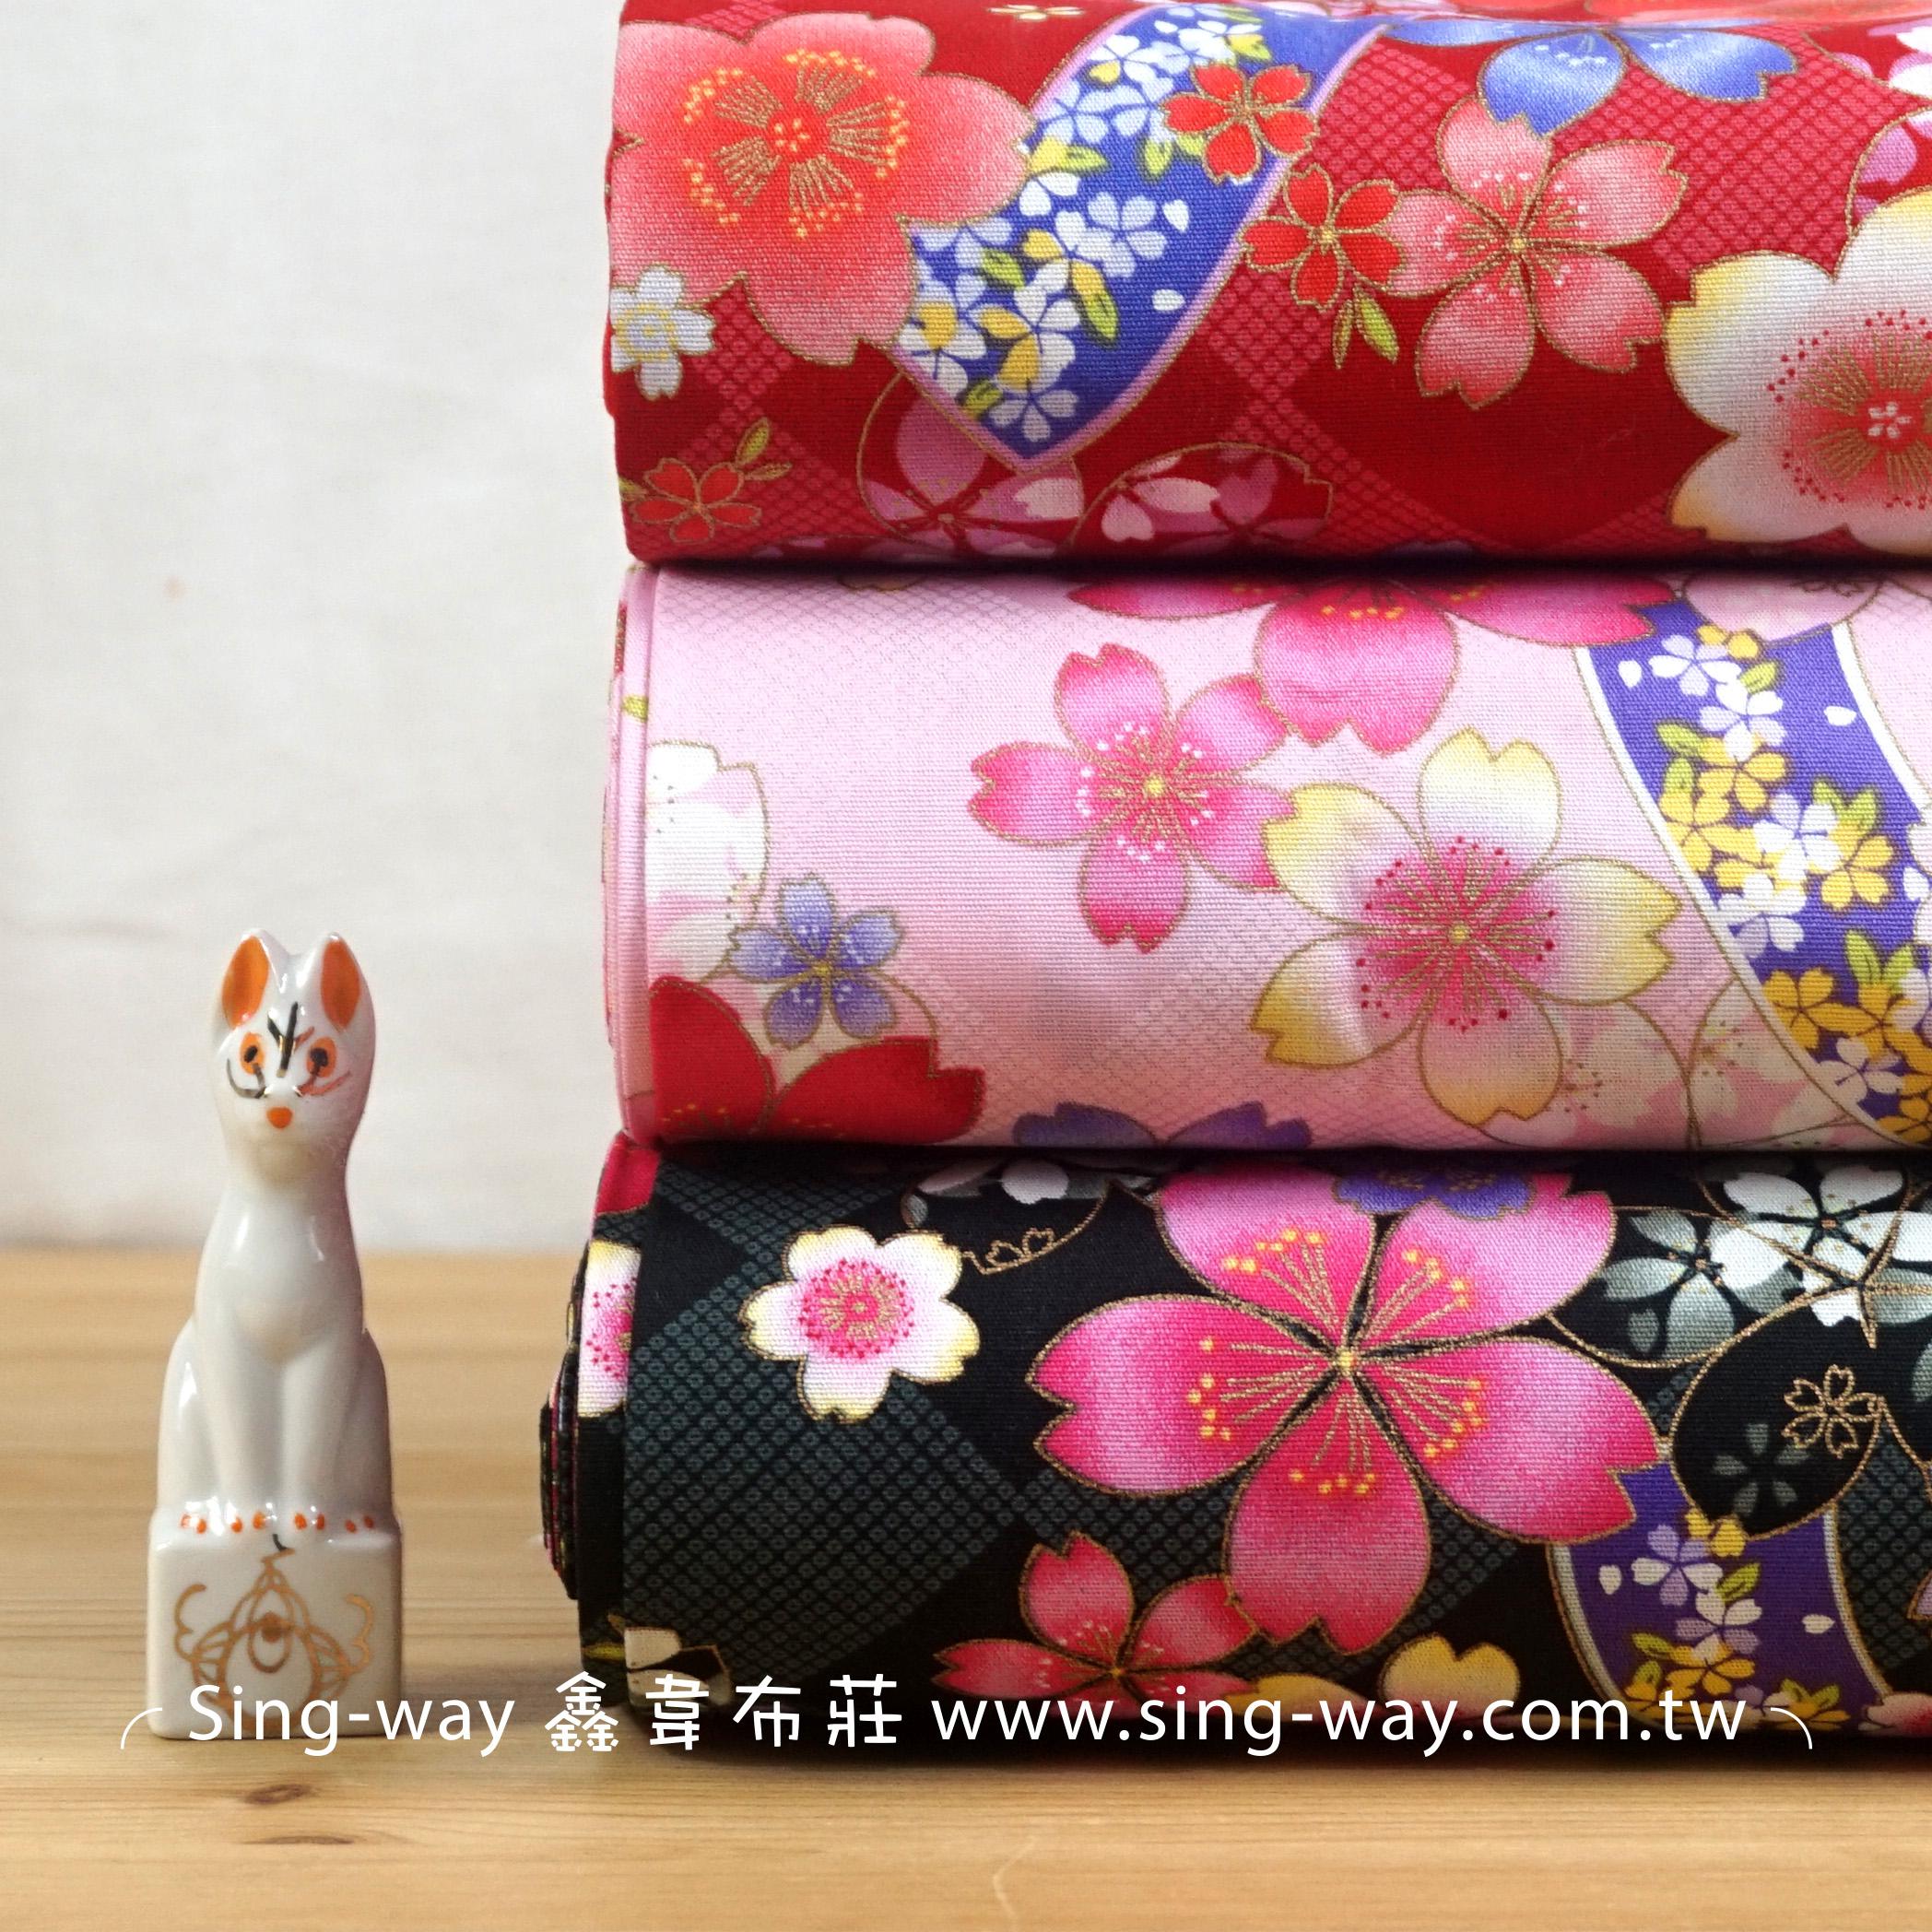 櫻花盛放 (大特價) 日式和風燙金邊花卉 節慶佈置 紅包袋 手工藝DIy拼布布料 CA450716